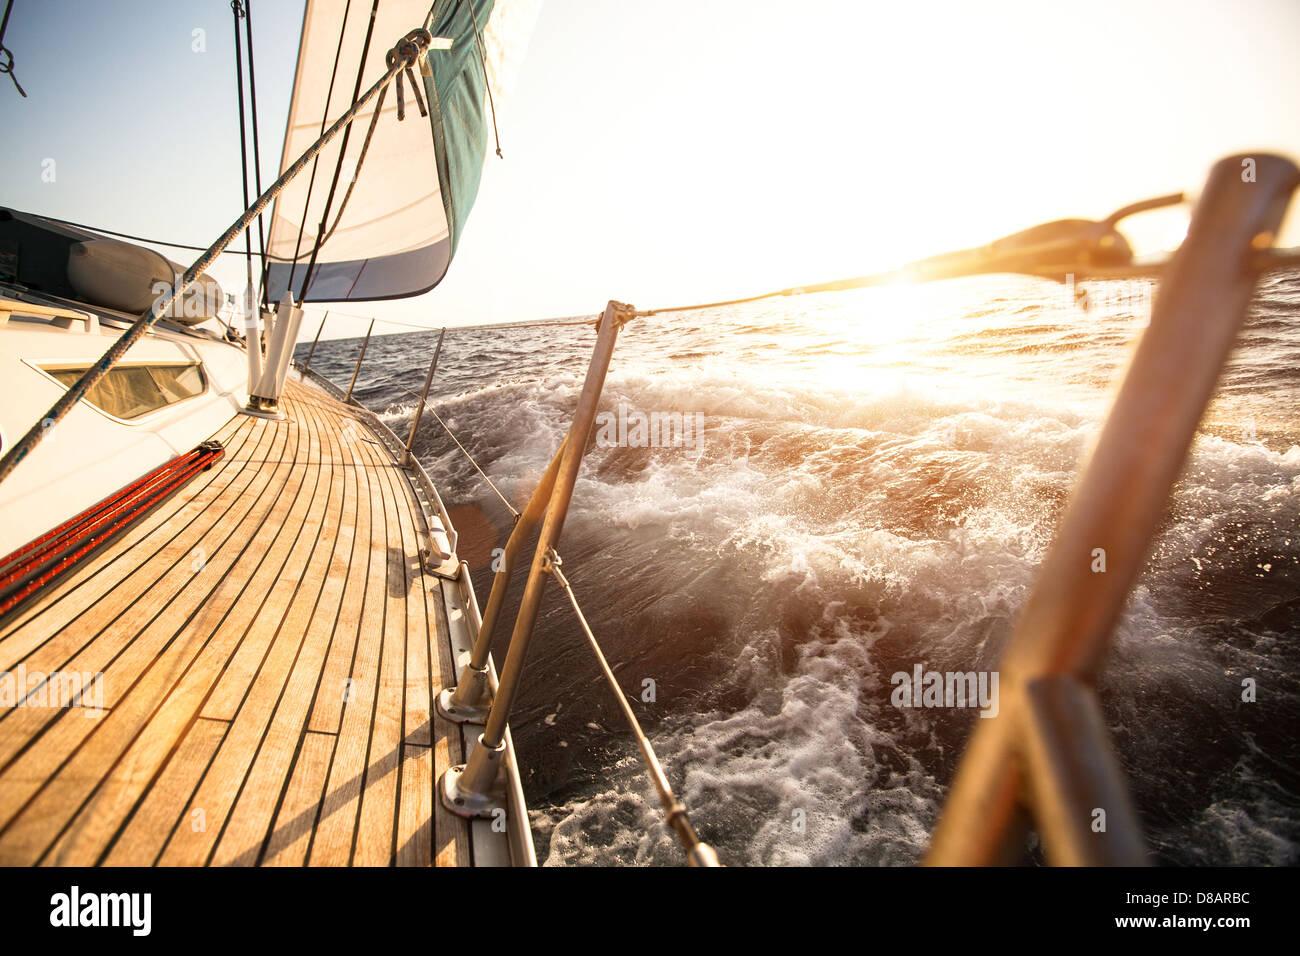 Régate de voile en mer Egée Photo Stock